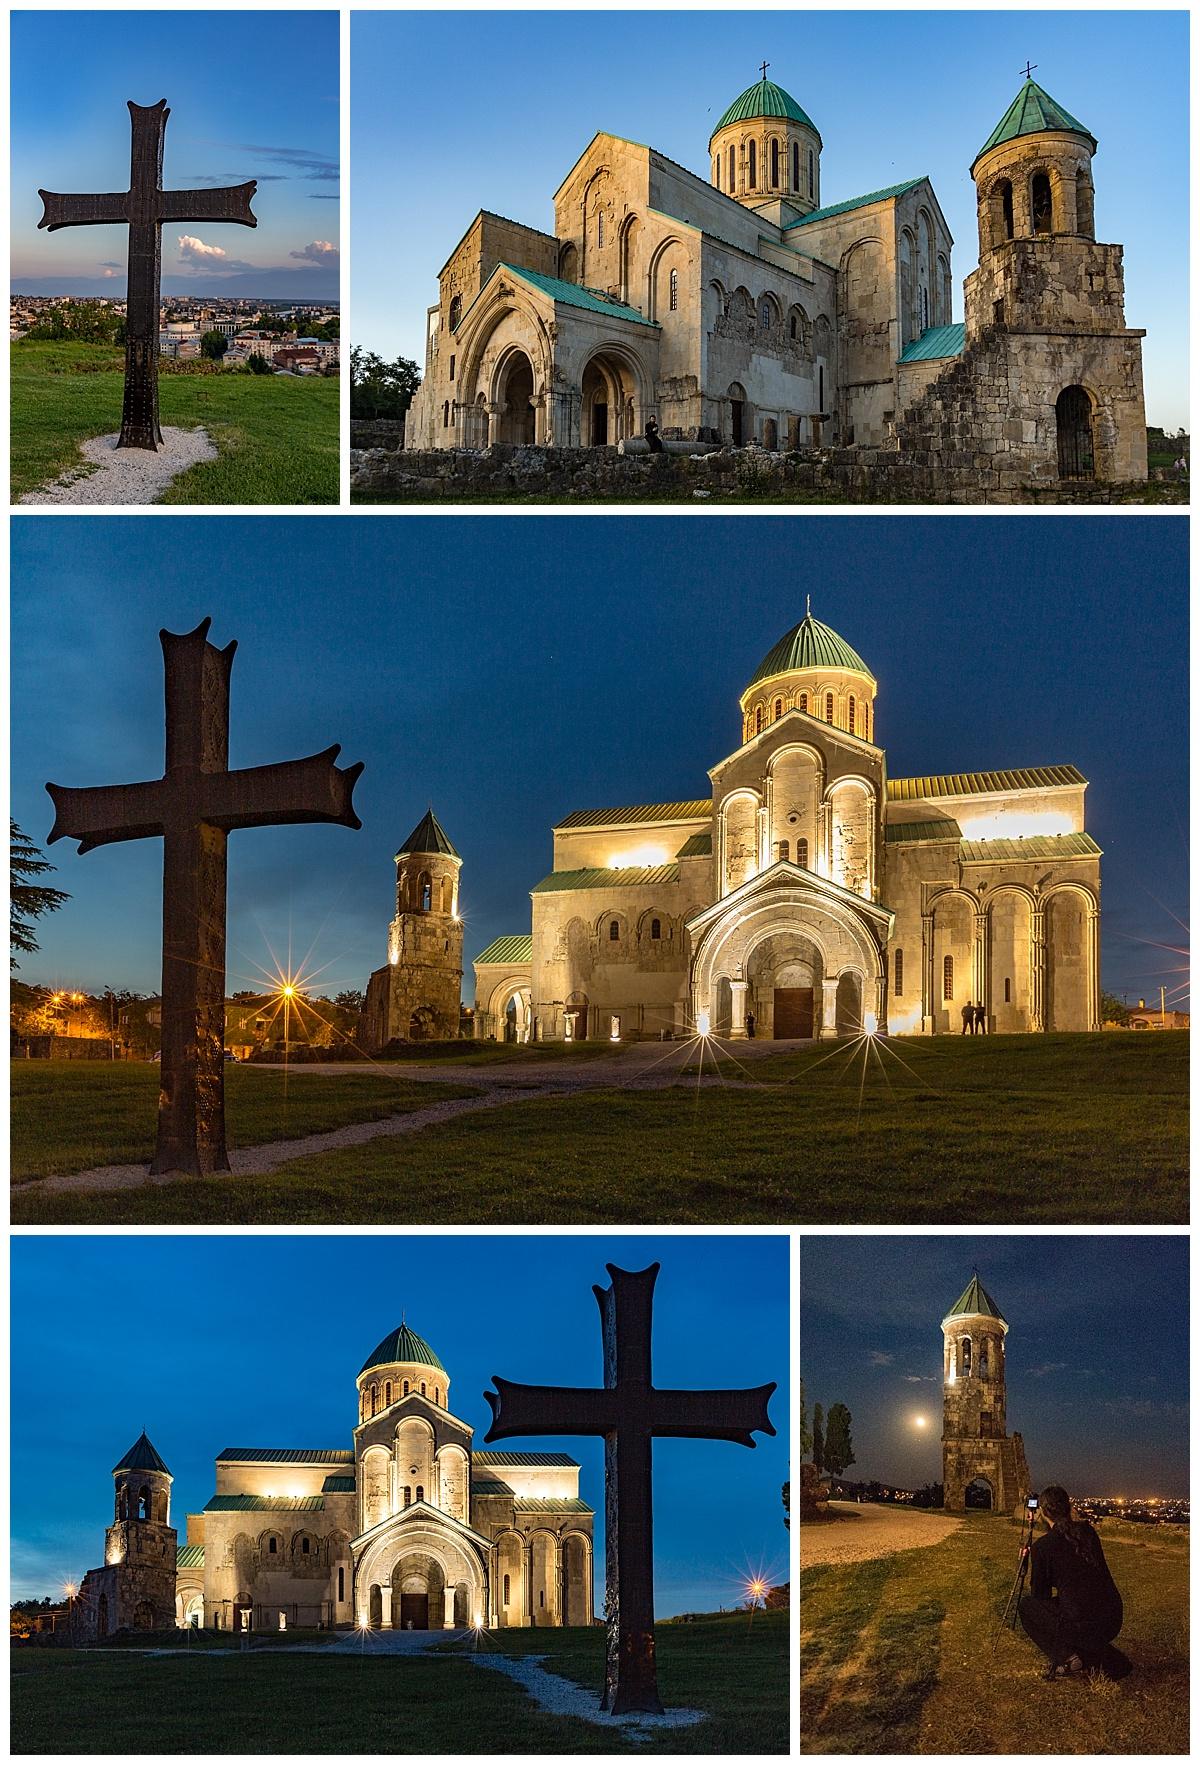 Kutasi, Georgia - cathedral at night